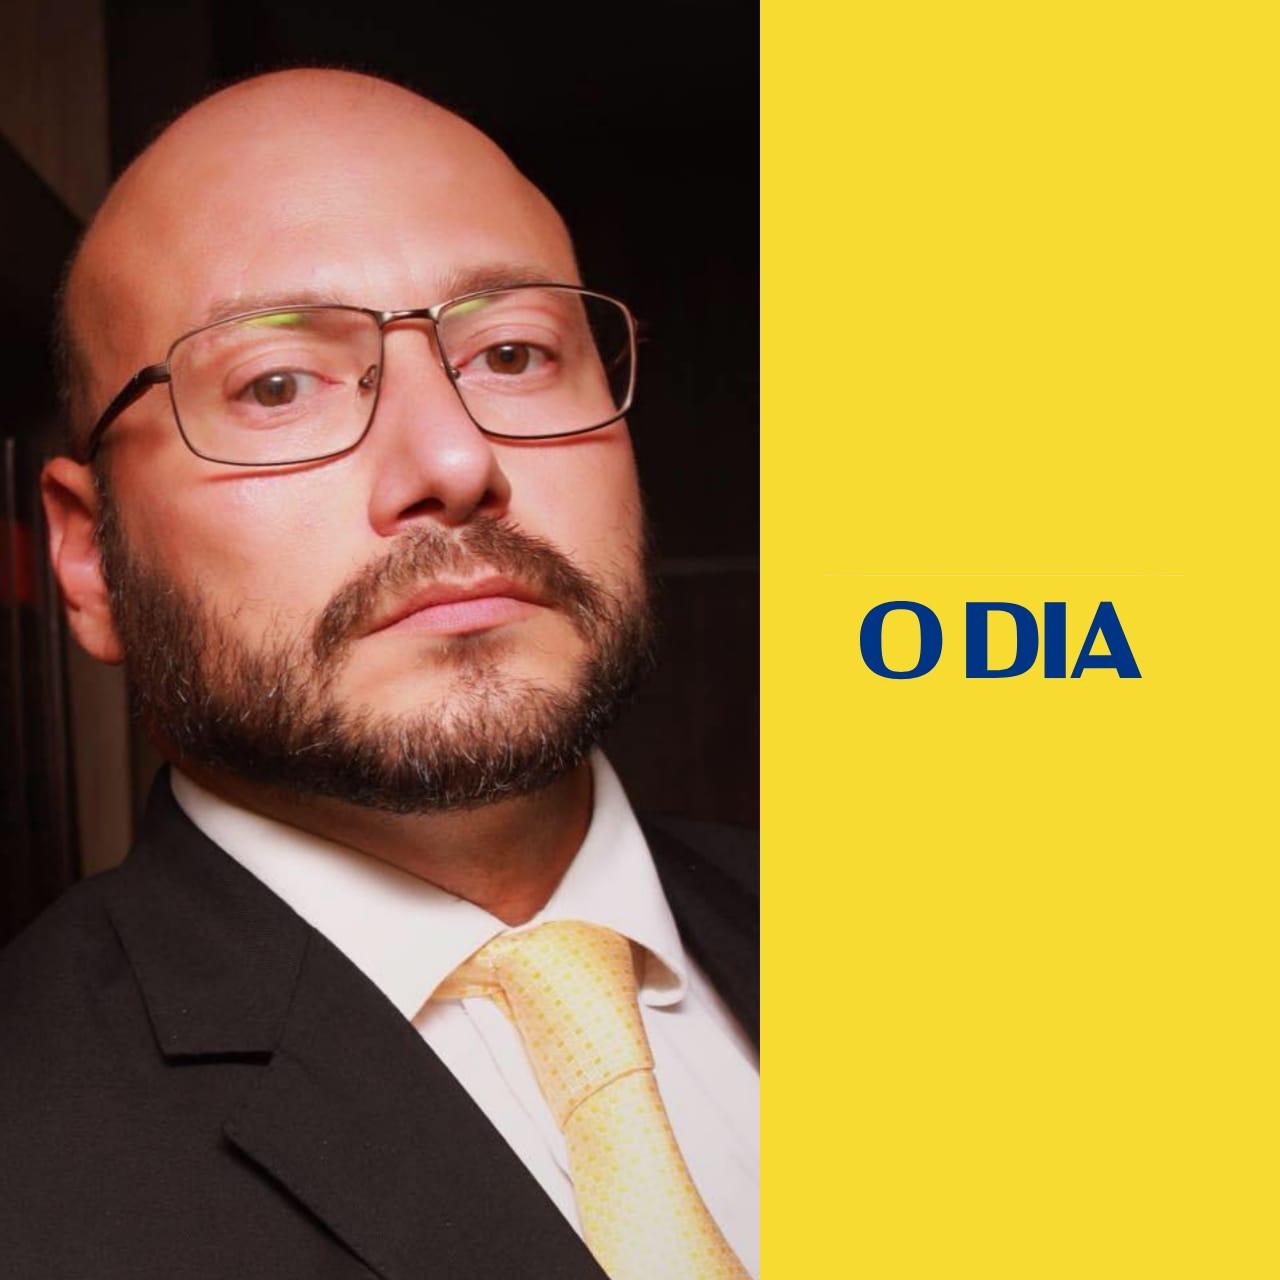 Matéria de autoria do advogado Rapahel Cataldo publicada no jornal O Dia